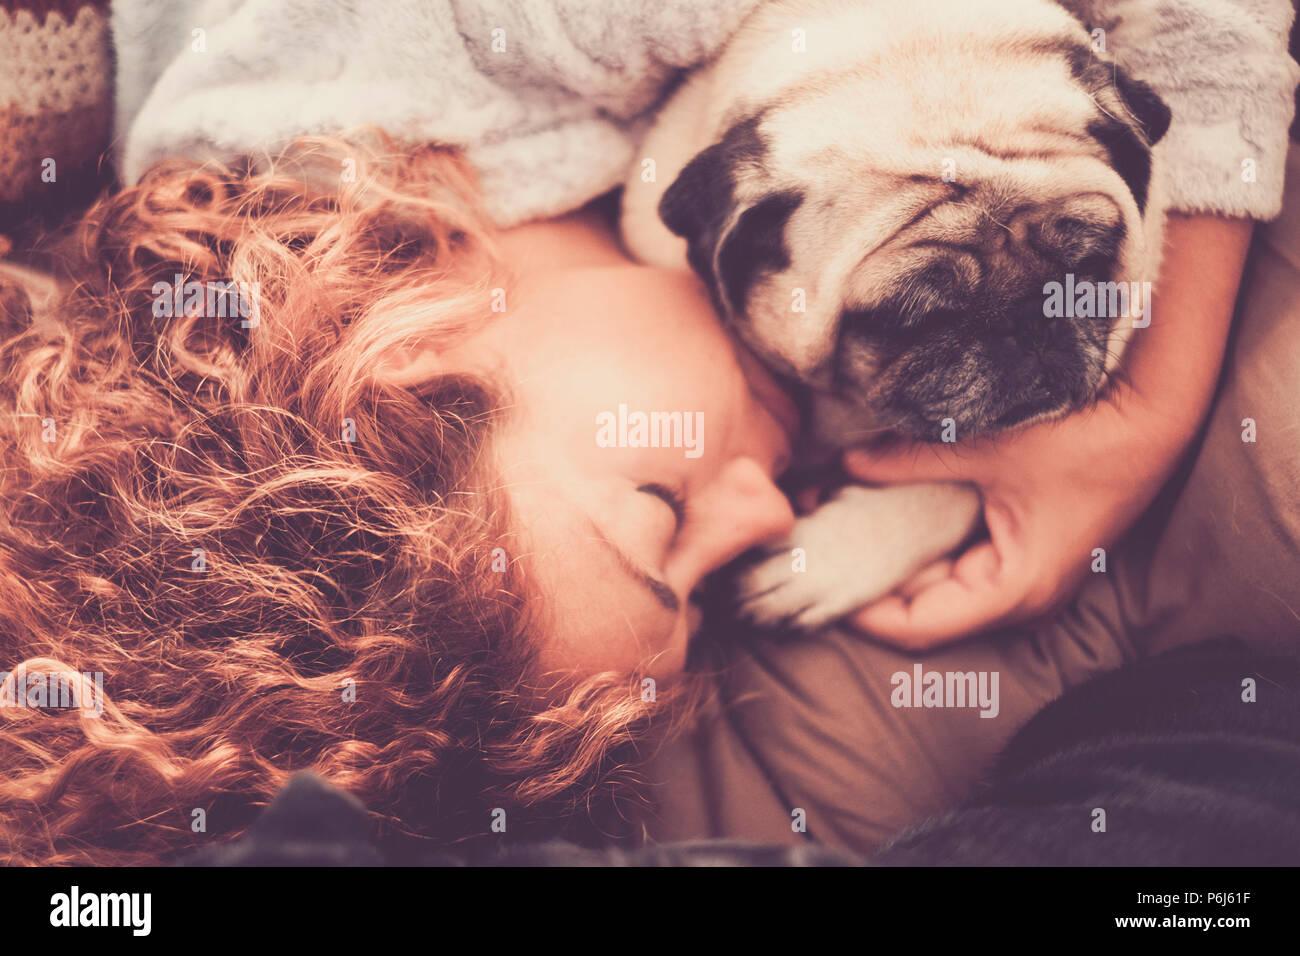 Verdadero amor verdadero entre la mediana edad hermosa mujer caucásica durmiendo y proteger sus mejores amigos perro pug. La amistad y las relaciones en el hogar en el Imagen De Stock